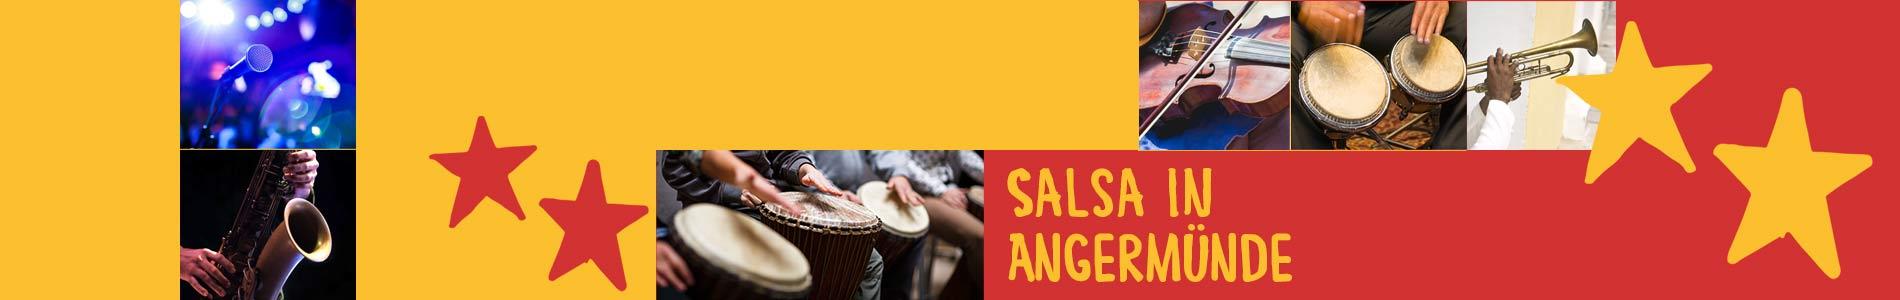 Salsa in Angermünde – Salsa lernen und tanzen, Tanzkurse, Partys, Veranstaltungen